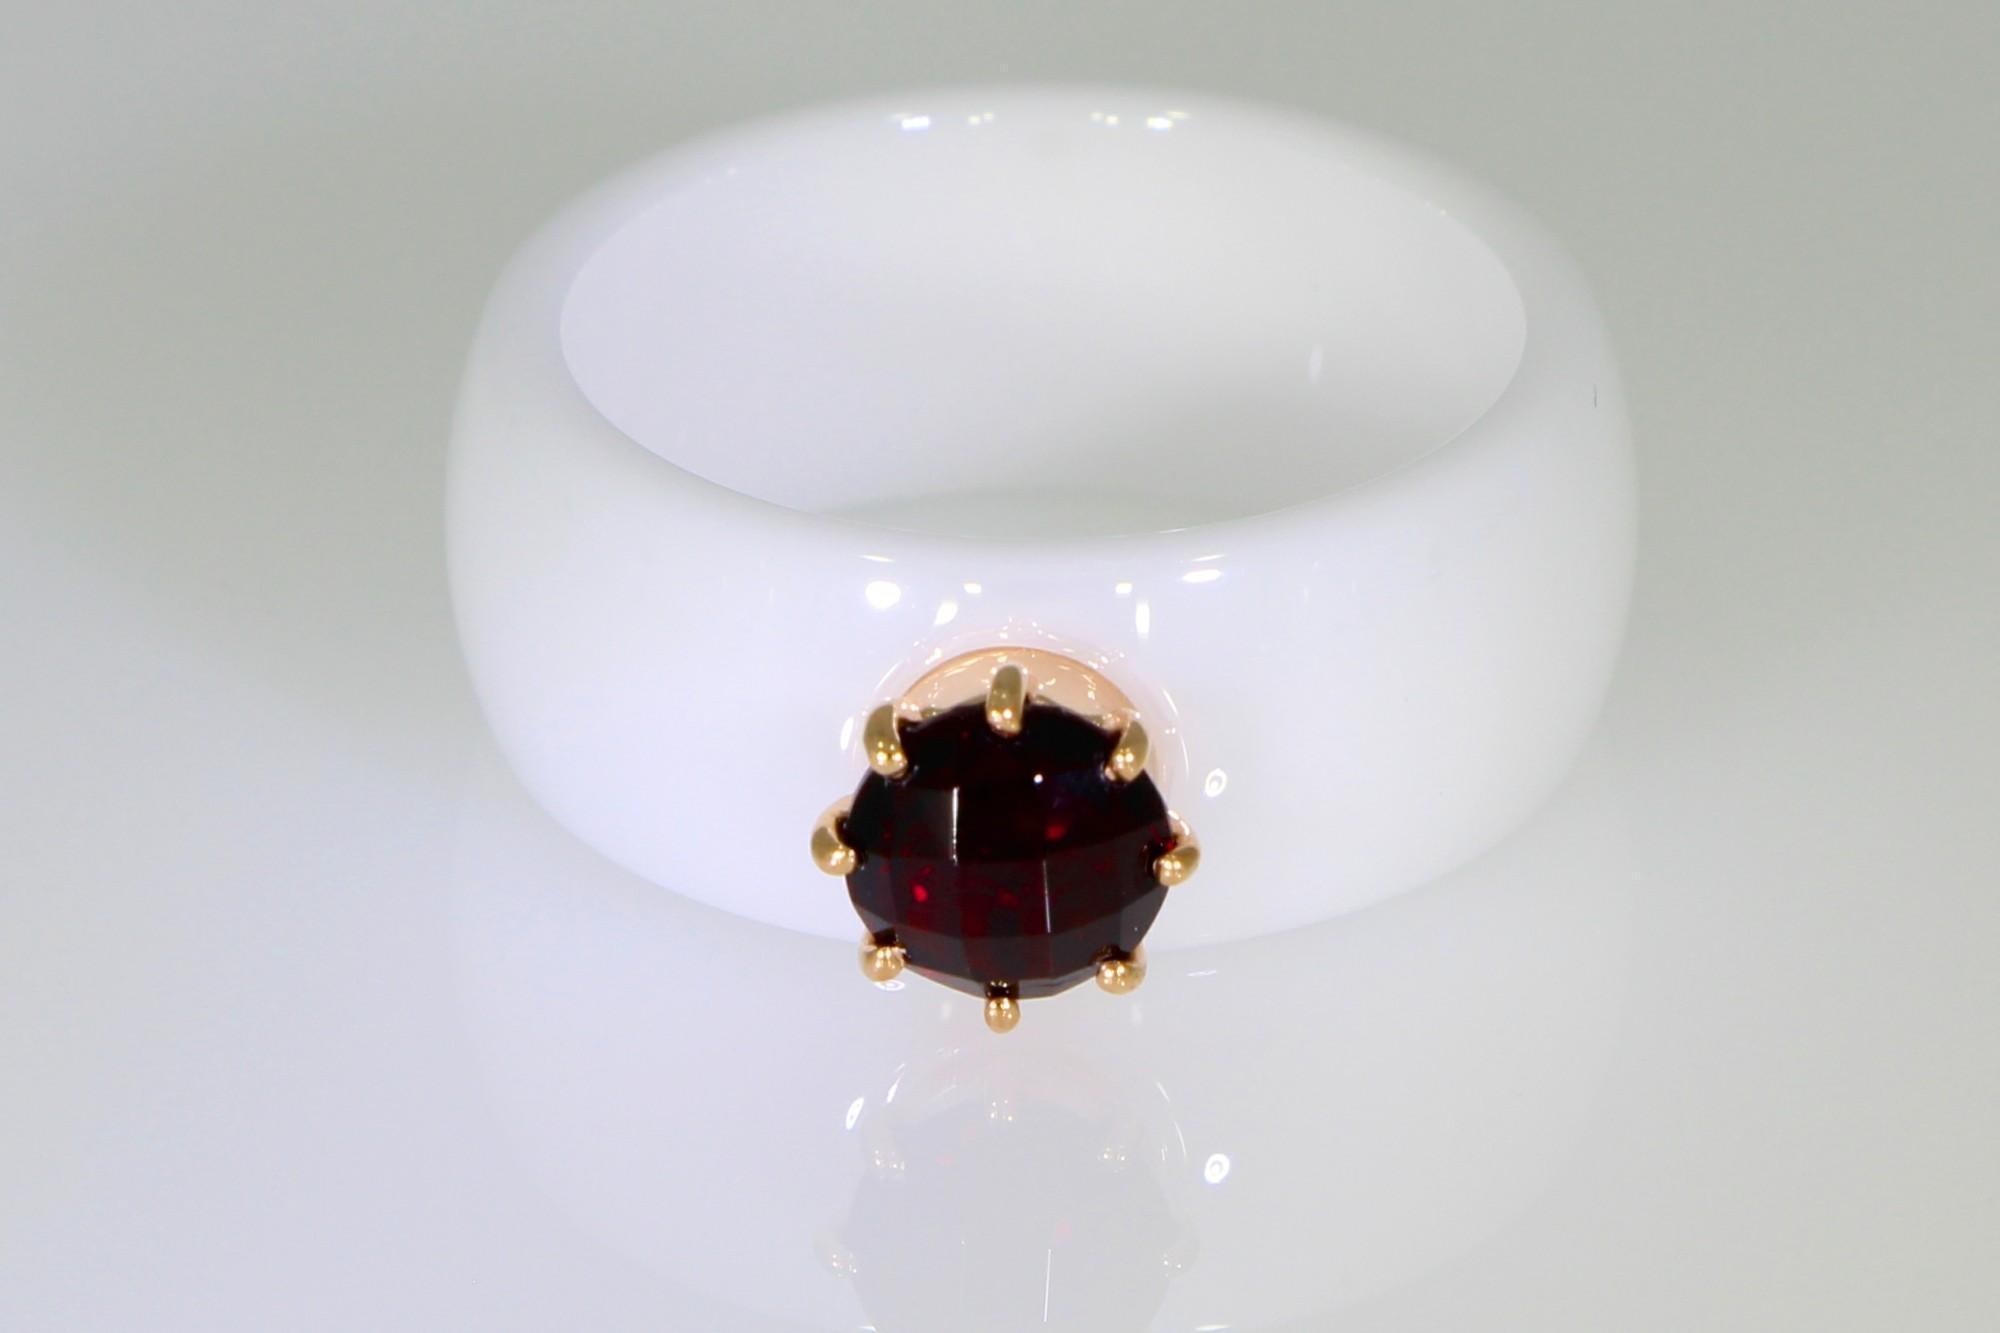 ea415a8c230 Keraamiline sõrmus kullaga 585* Sokolov UUS